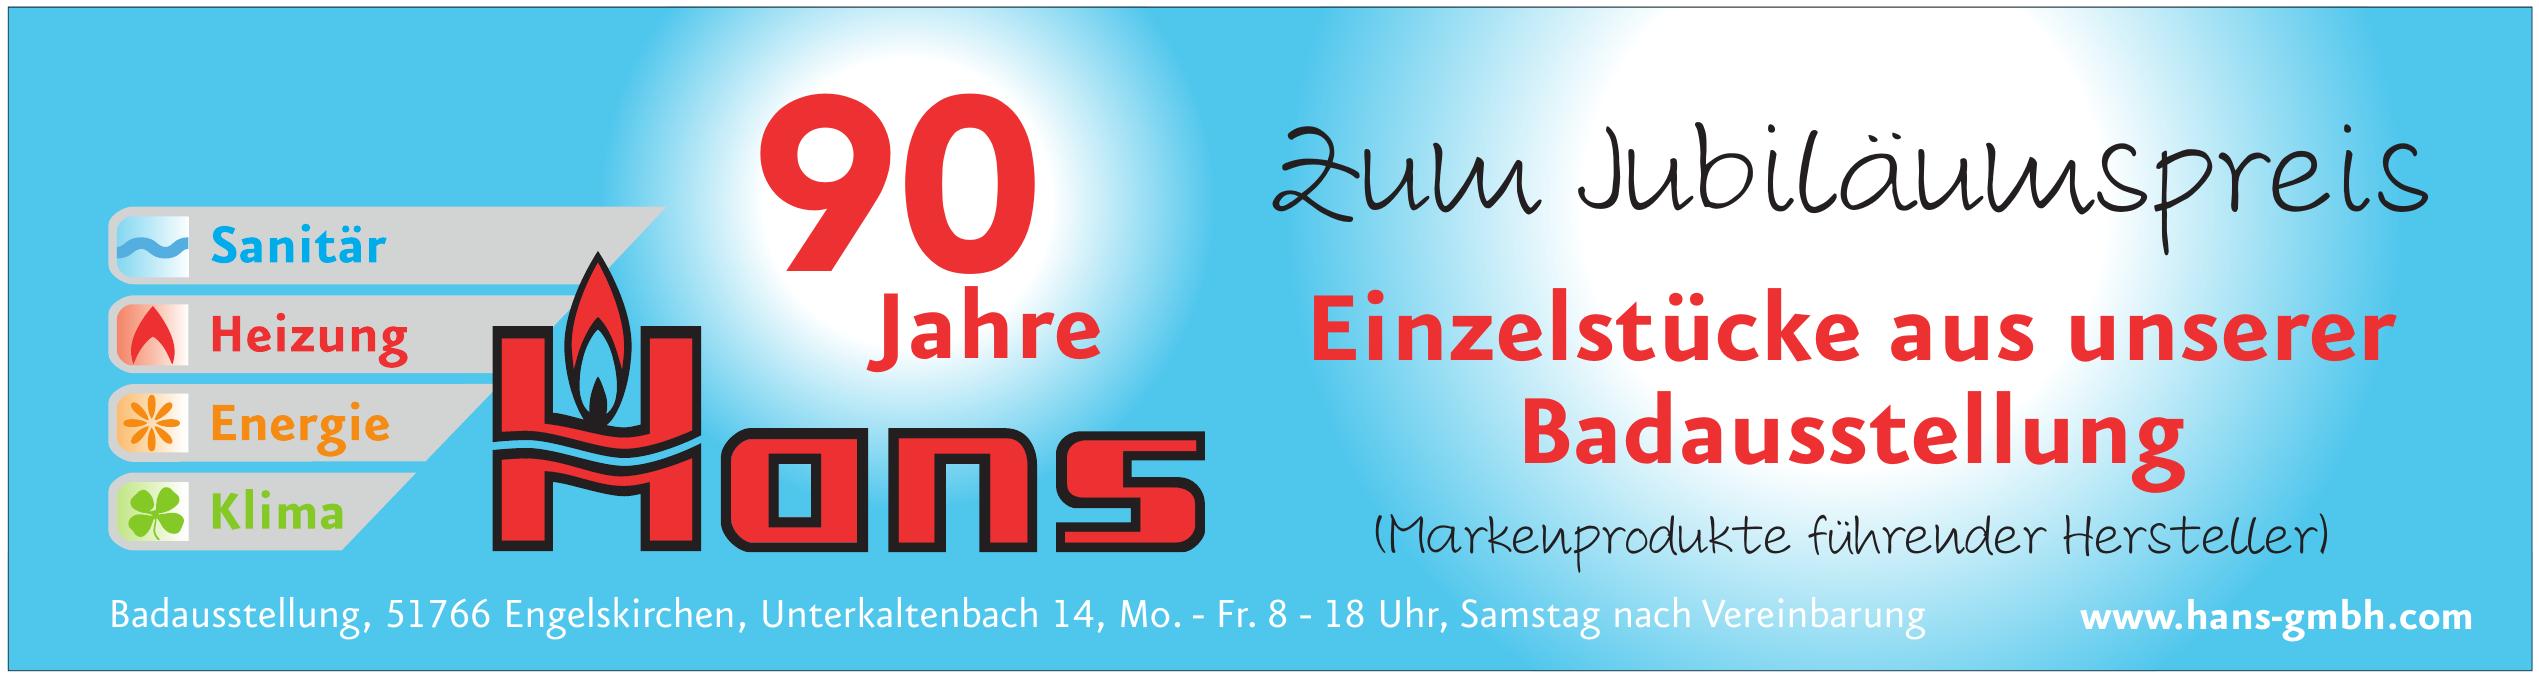 Hans GmbH - Installationen und Heizungsbau